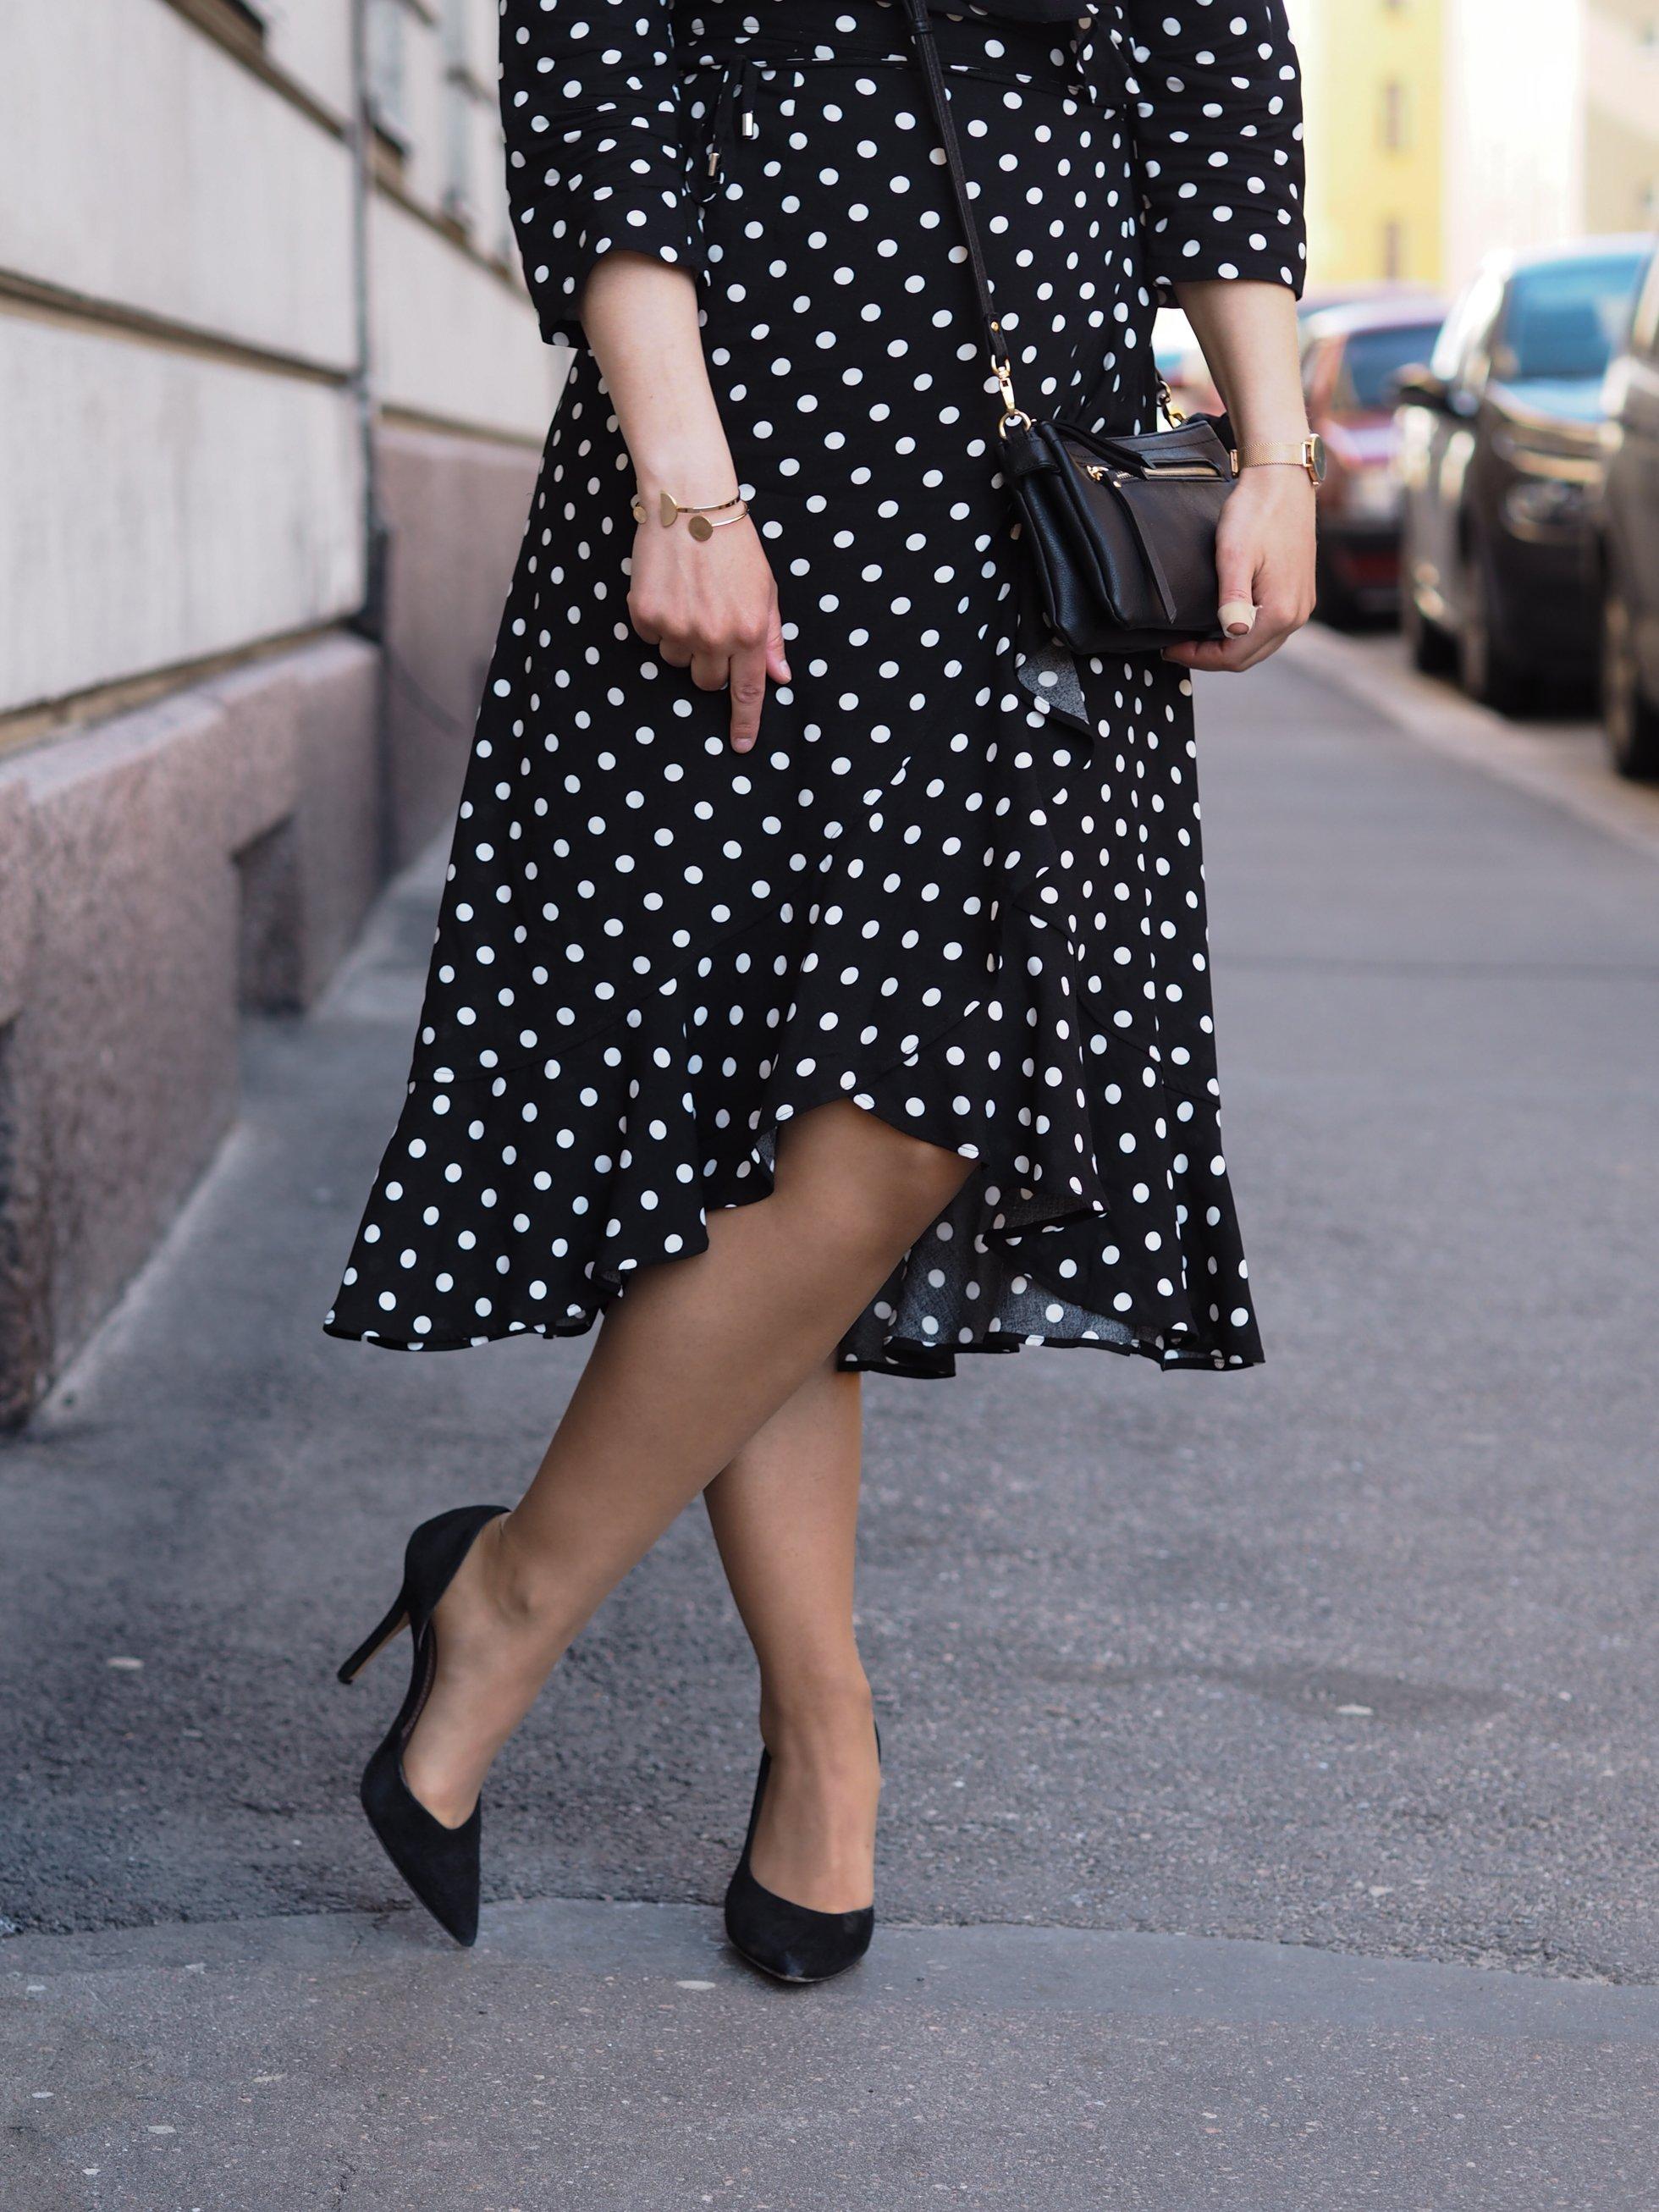 Polka dot dress @monavisuri